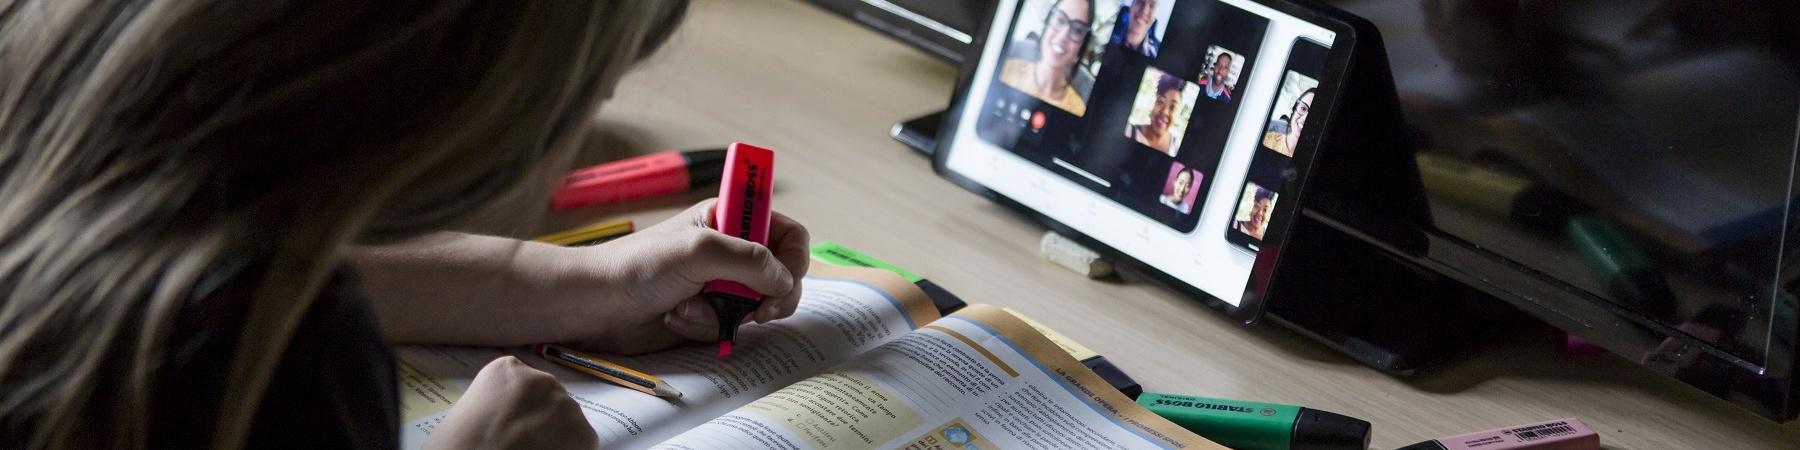 Bambina di spalle evidenzia libro scolastica mentre fa lezione a distanza su un tablet davanti a lei